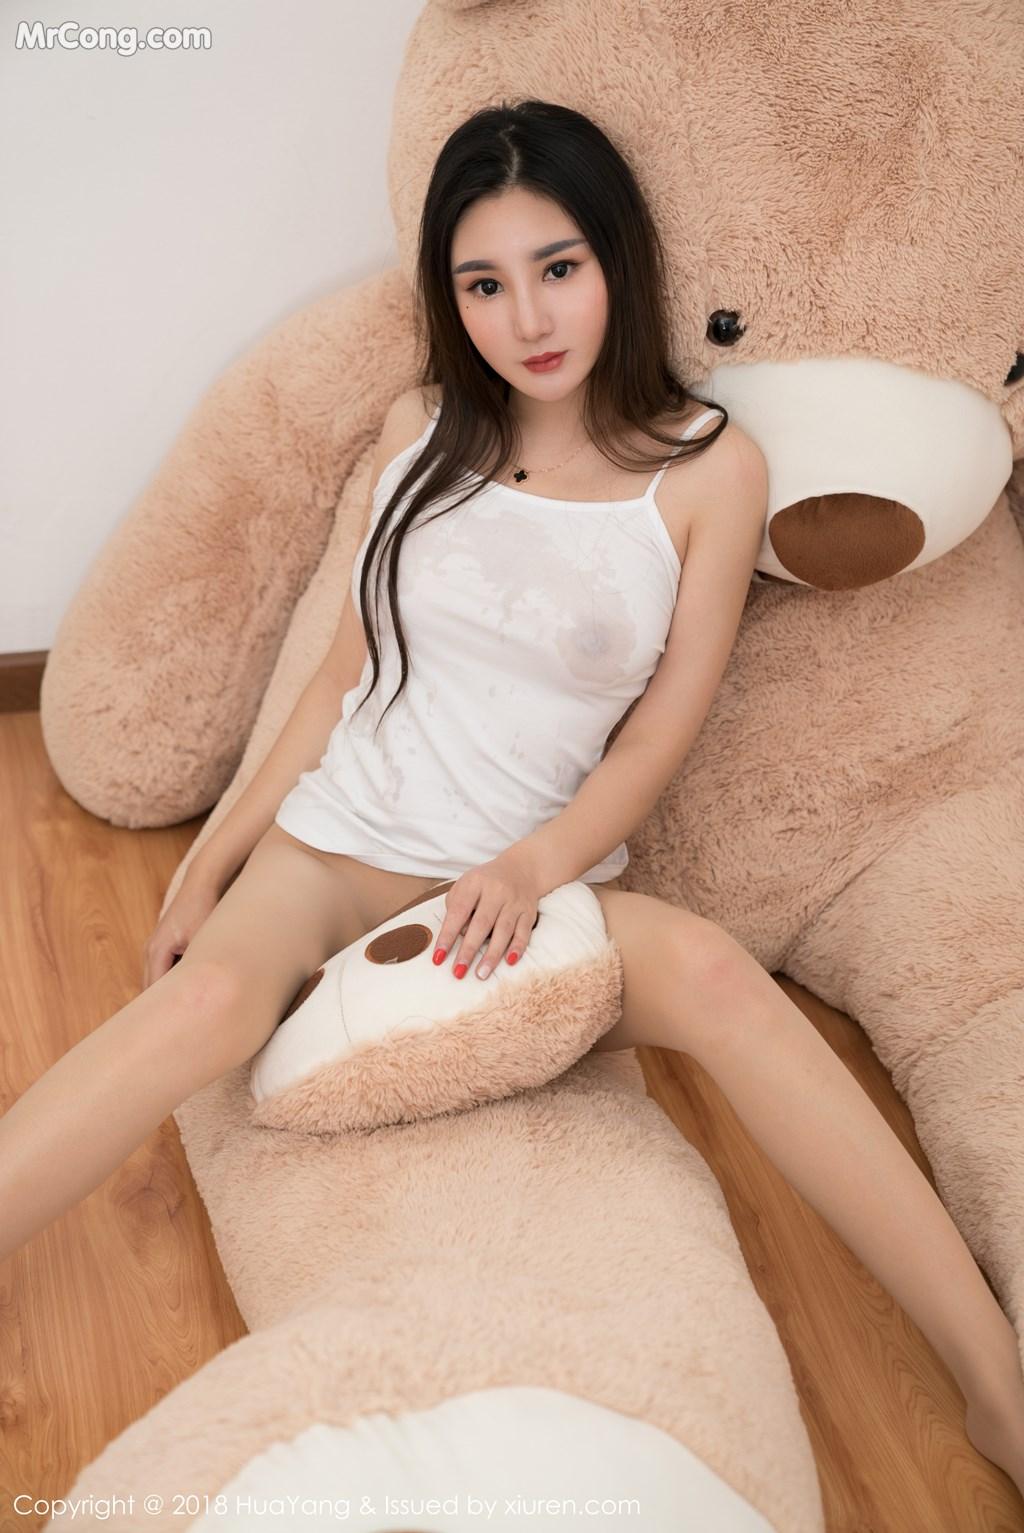 Image HuaYang-2018-03-02-Vol.034-Xiao-Tian-Xin-Candy-MrCong.com-034 in post HuaYang 2018-03-02 Vol.034: Người mẫu Xiao Tian Xin (小甜心Candy) (41 ảnh)